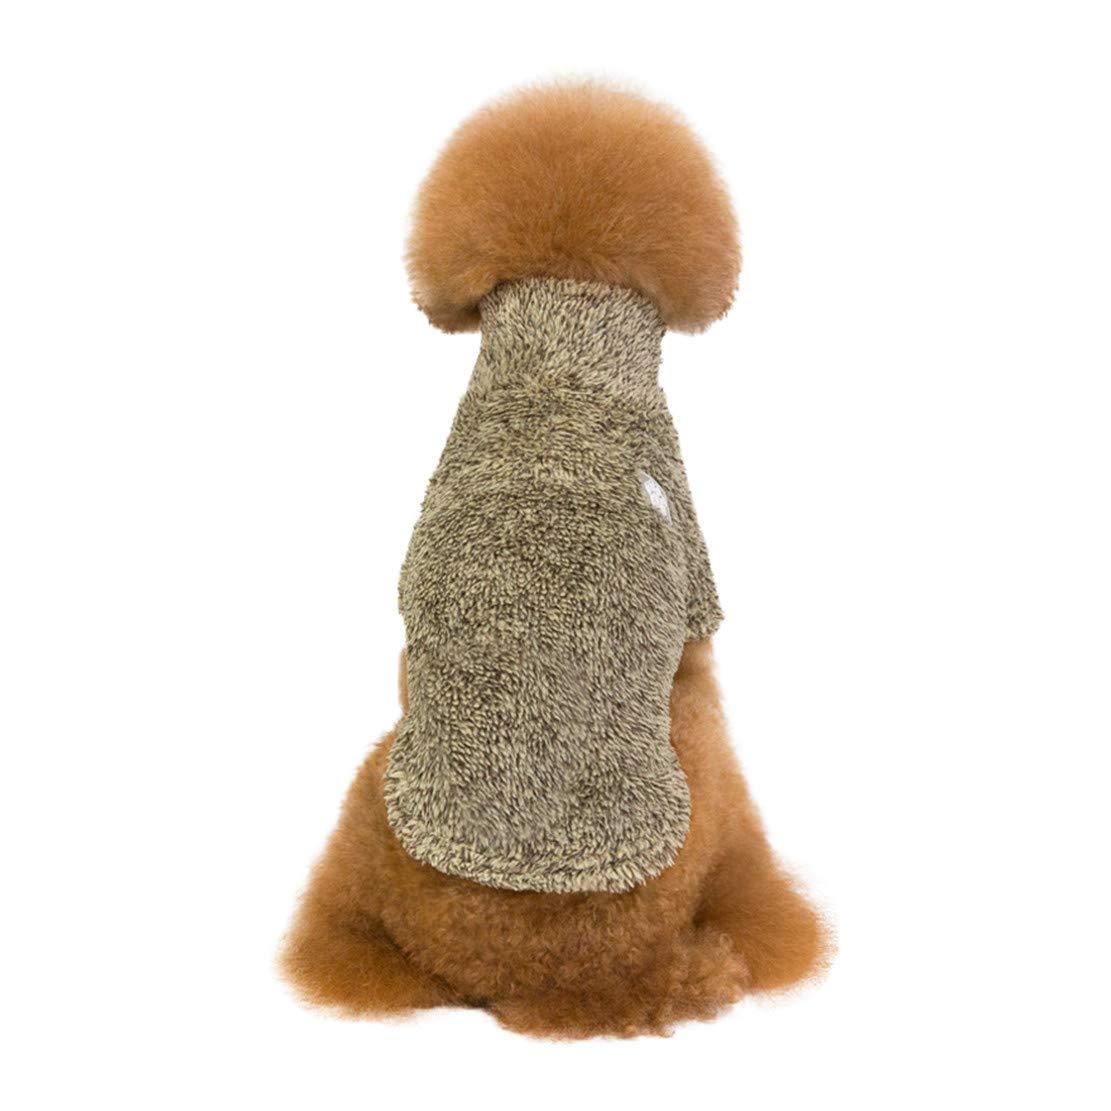 Moodn Cane Costume Abbigliamento Autunnale e Invernale Classico Abbigliamento Piccola Taglia Carino Comfort Fit Eleganti Animali Domestici Cucciolo Durevole Vestiti di Mantieni Caldo Peluche